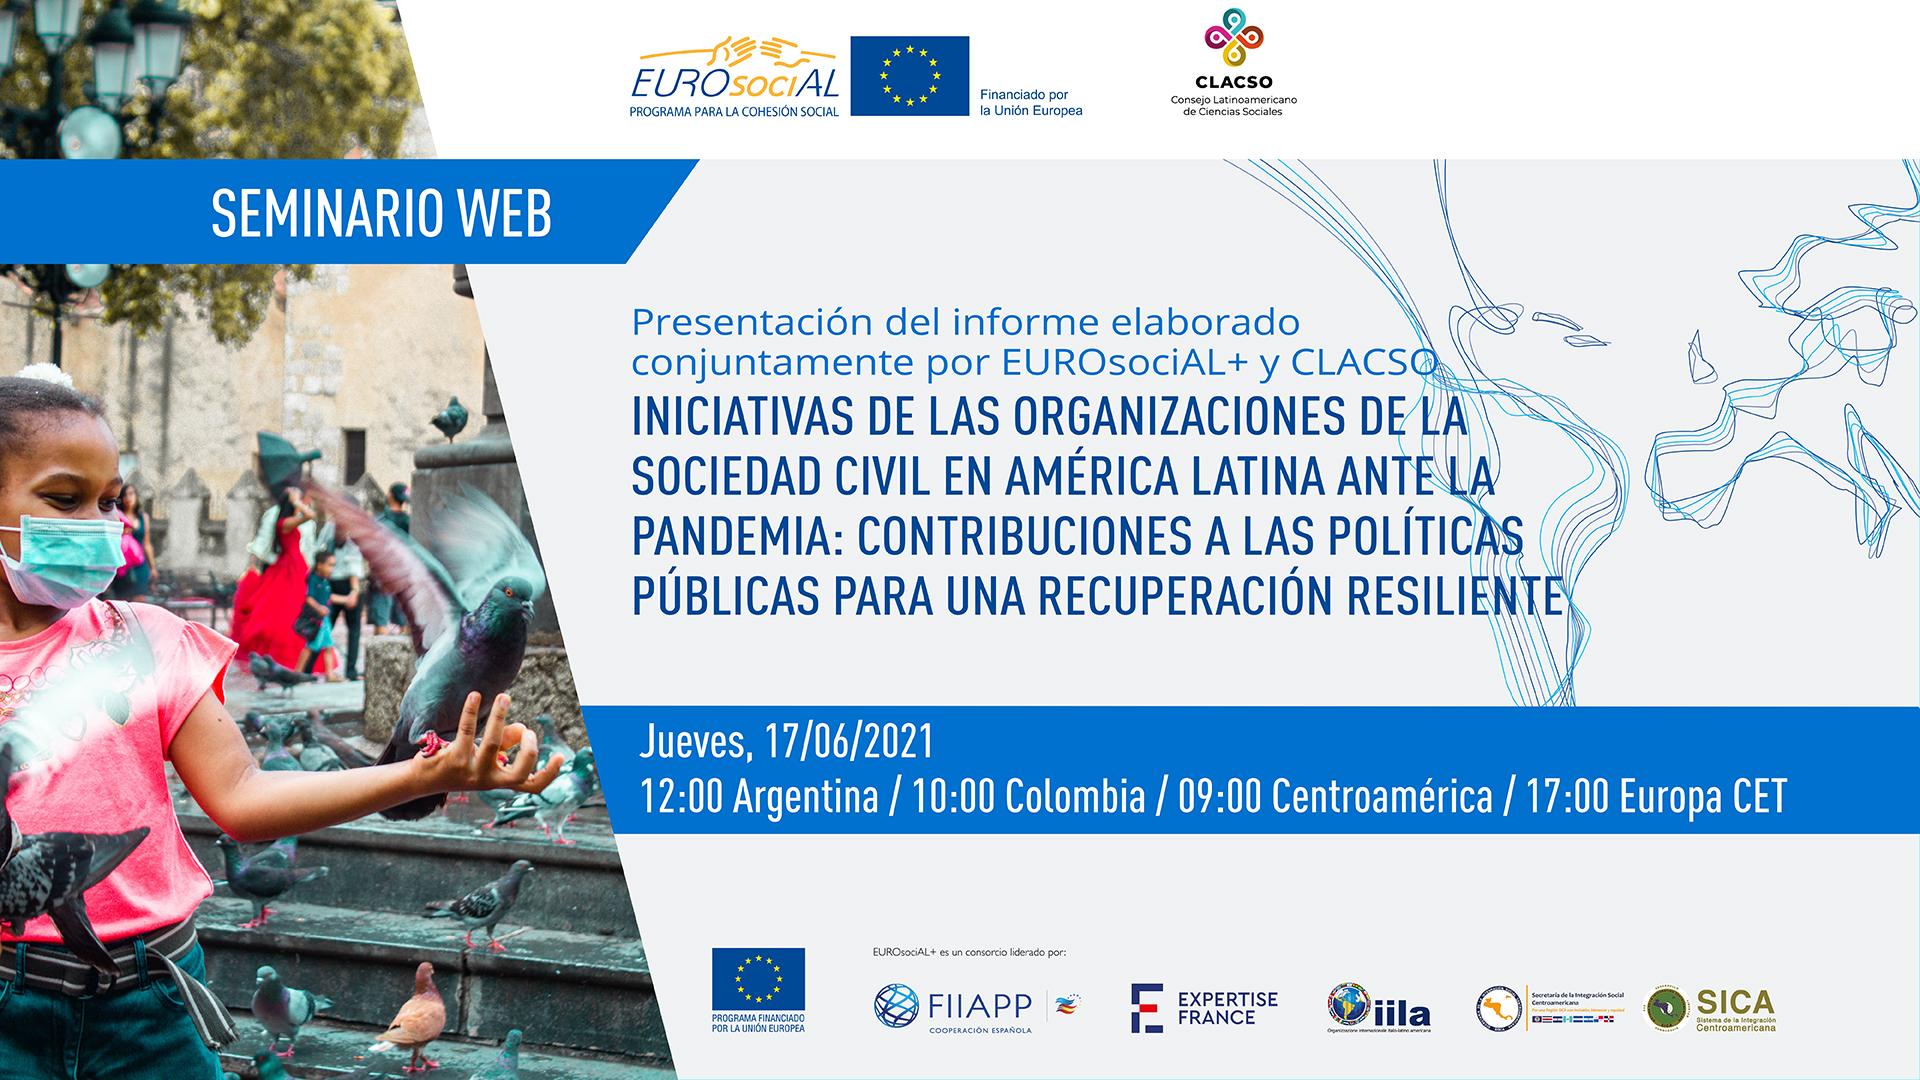 Iniciativas de las organizaciones de la sociedad civil en América Latina ante la pandemia